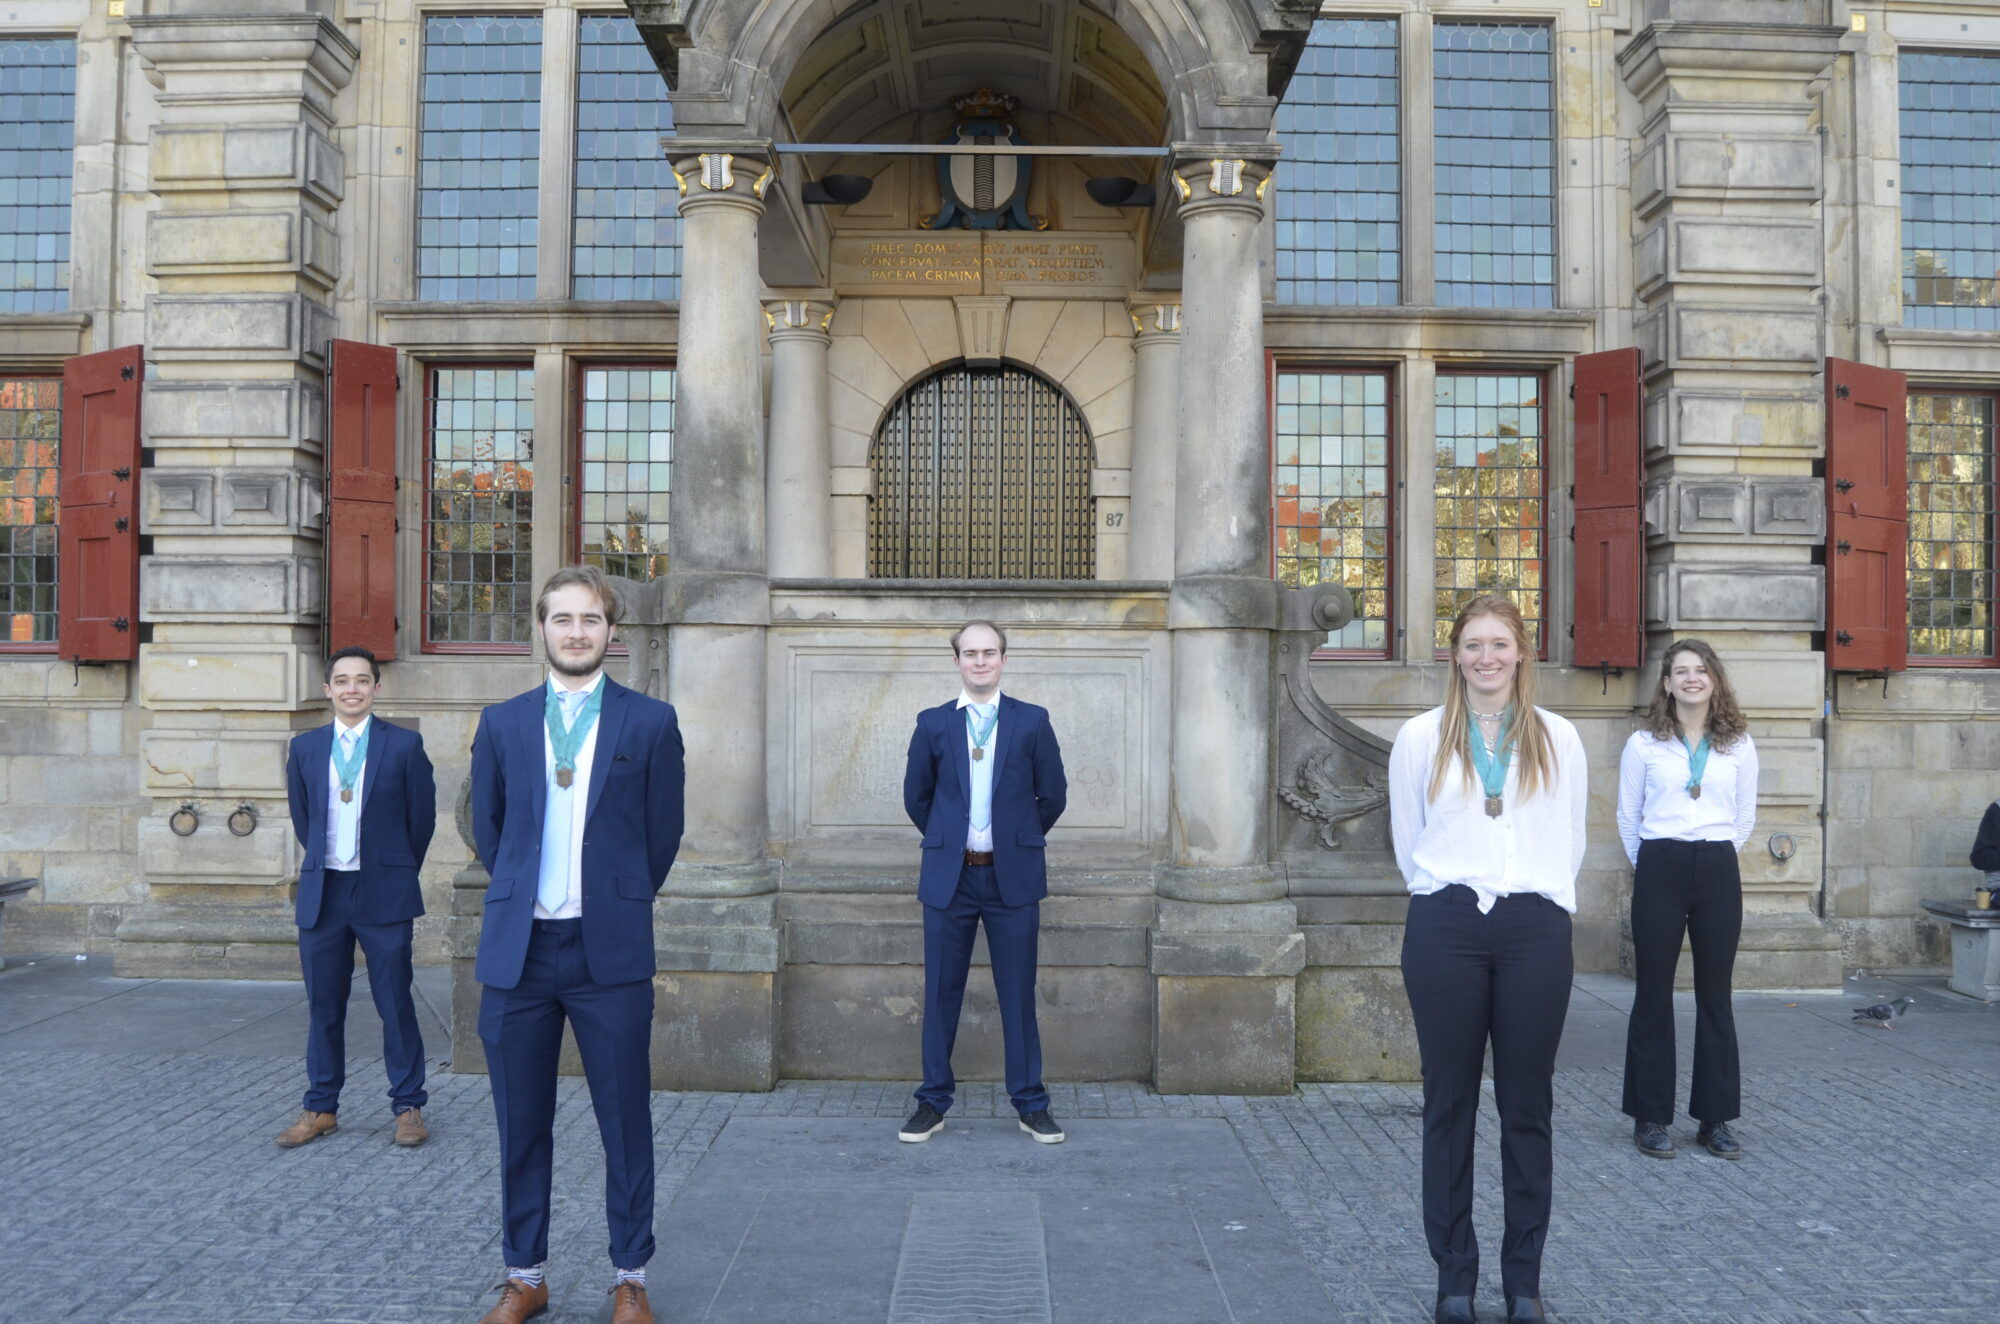 VerenigingsRaad Delft